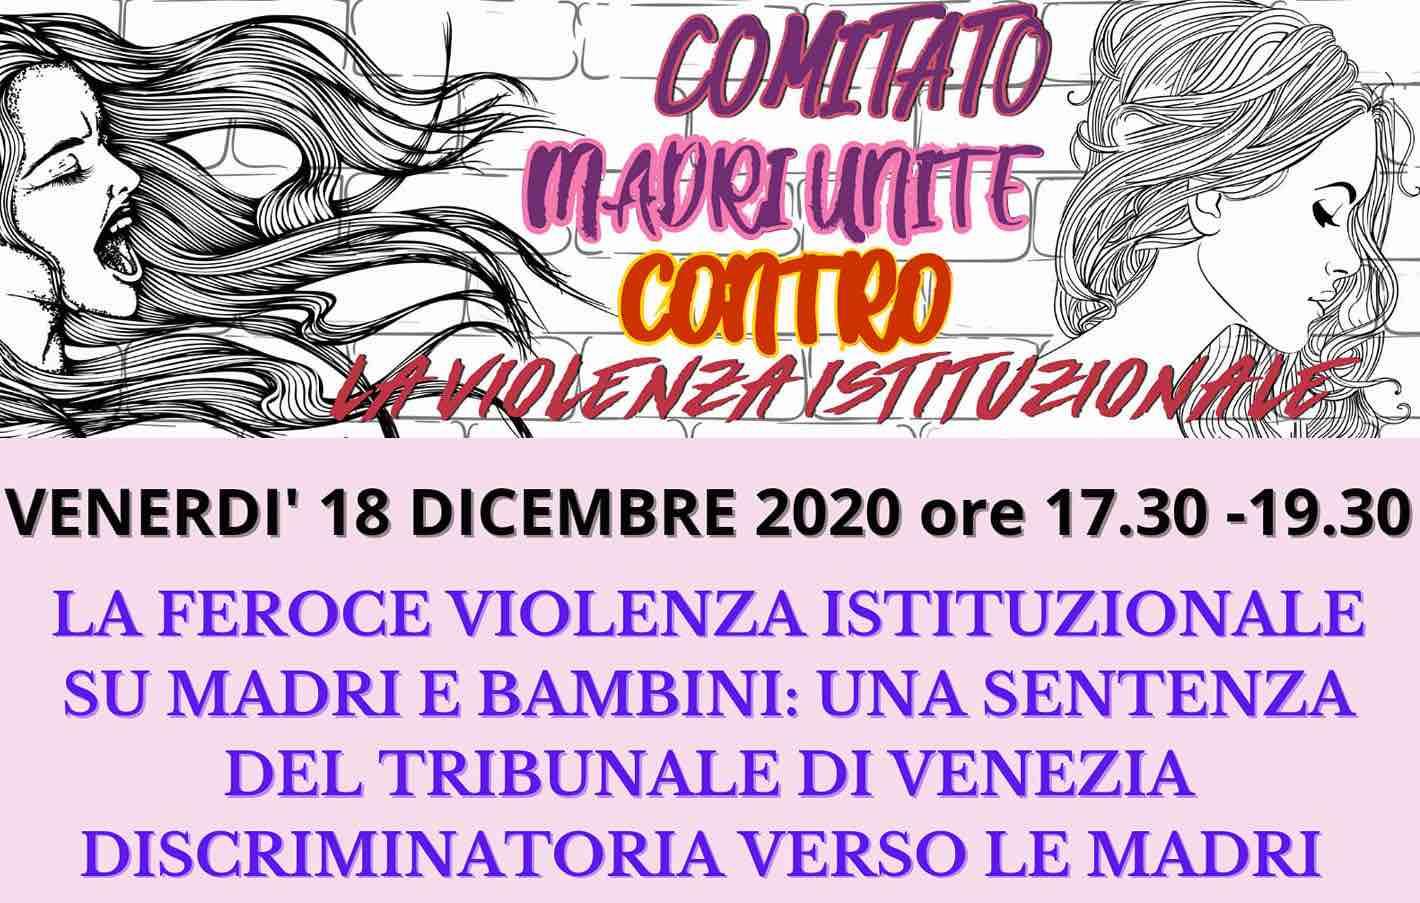 MADRI_UNITE_CONTRO_VIOLENZA